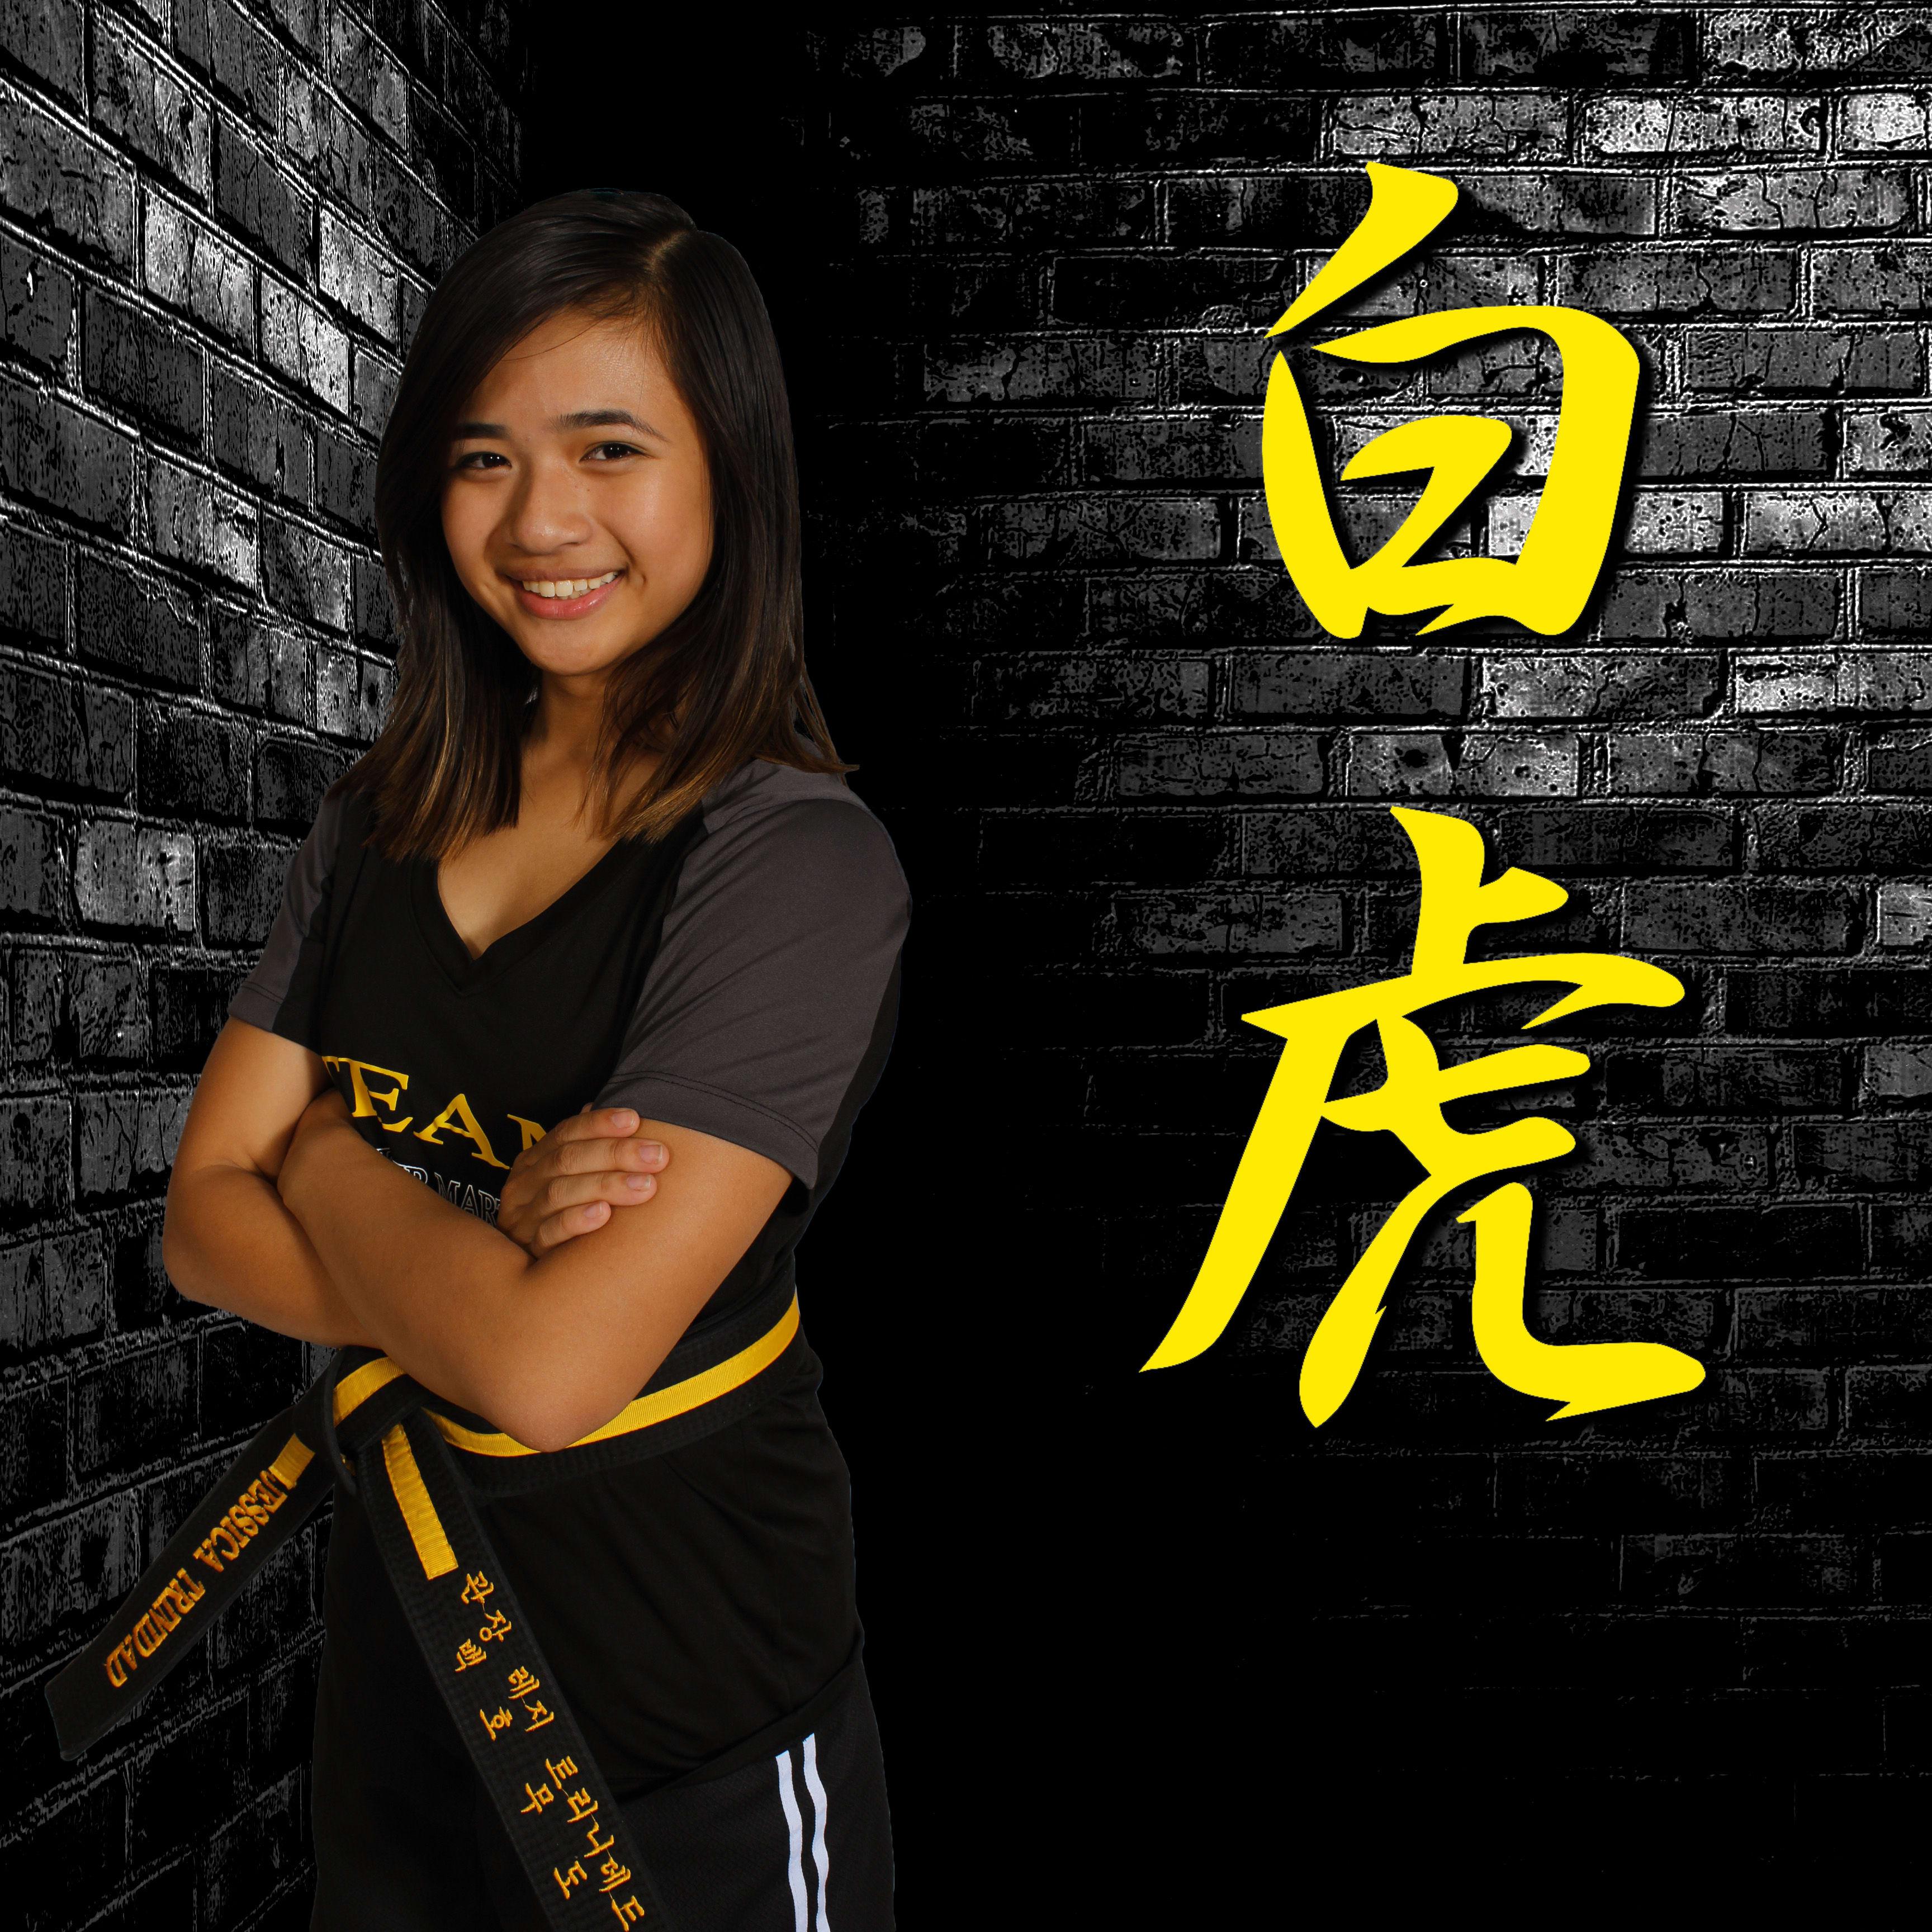 Jessica Trinidad in Wayne - White Tiger Martial Arts